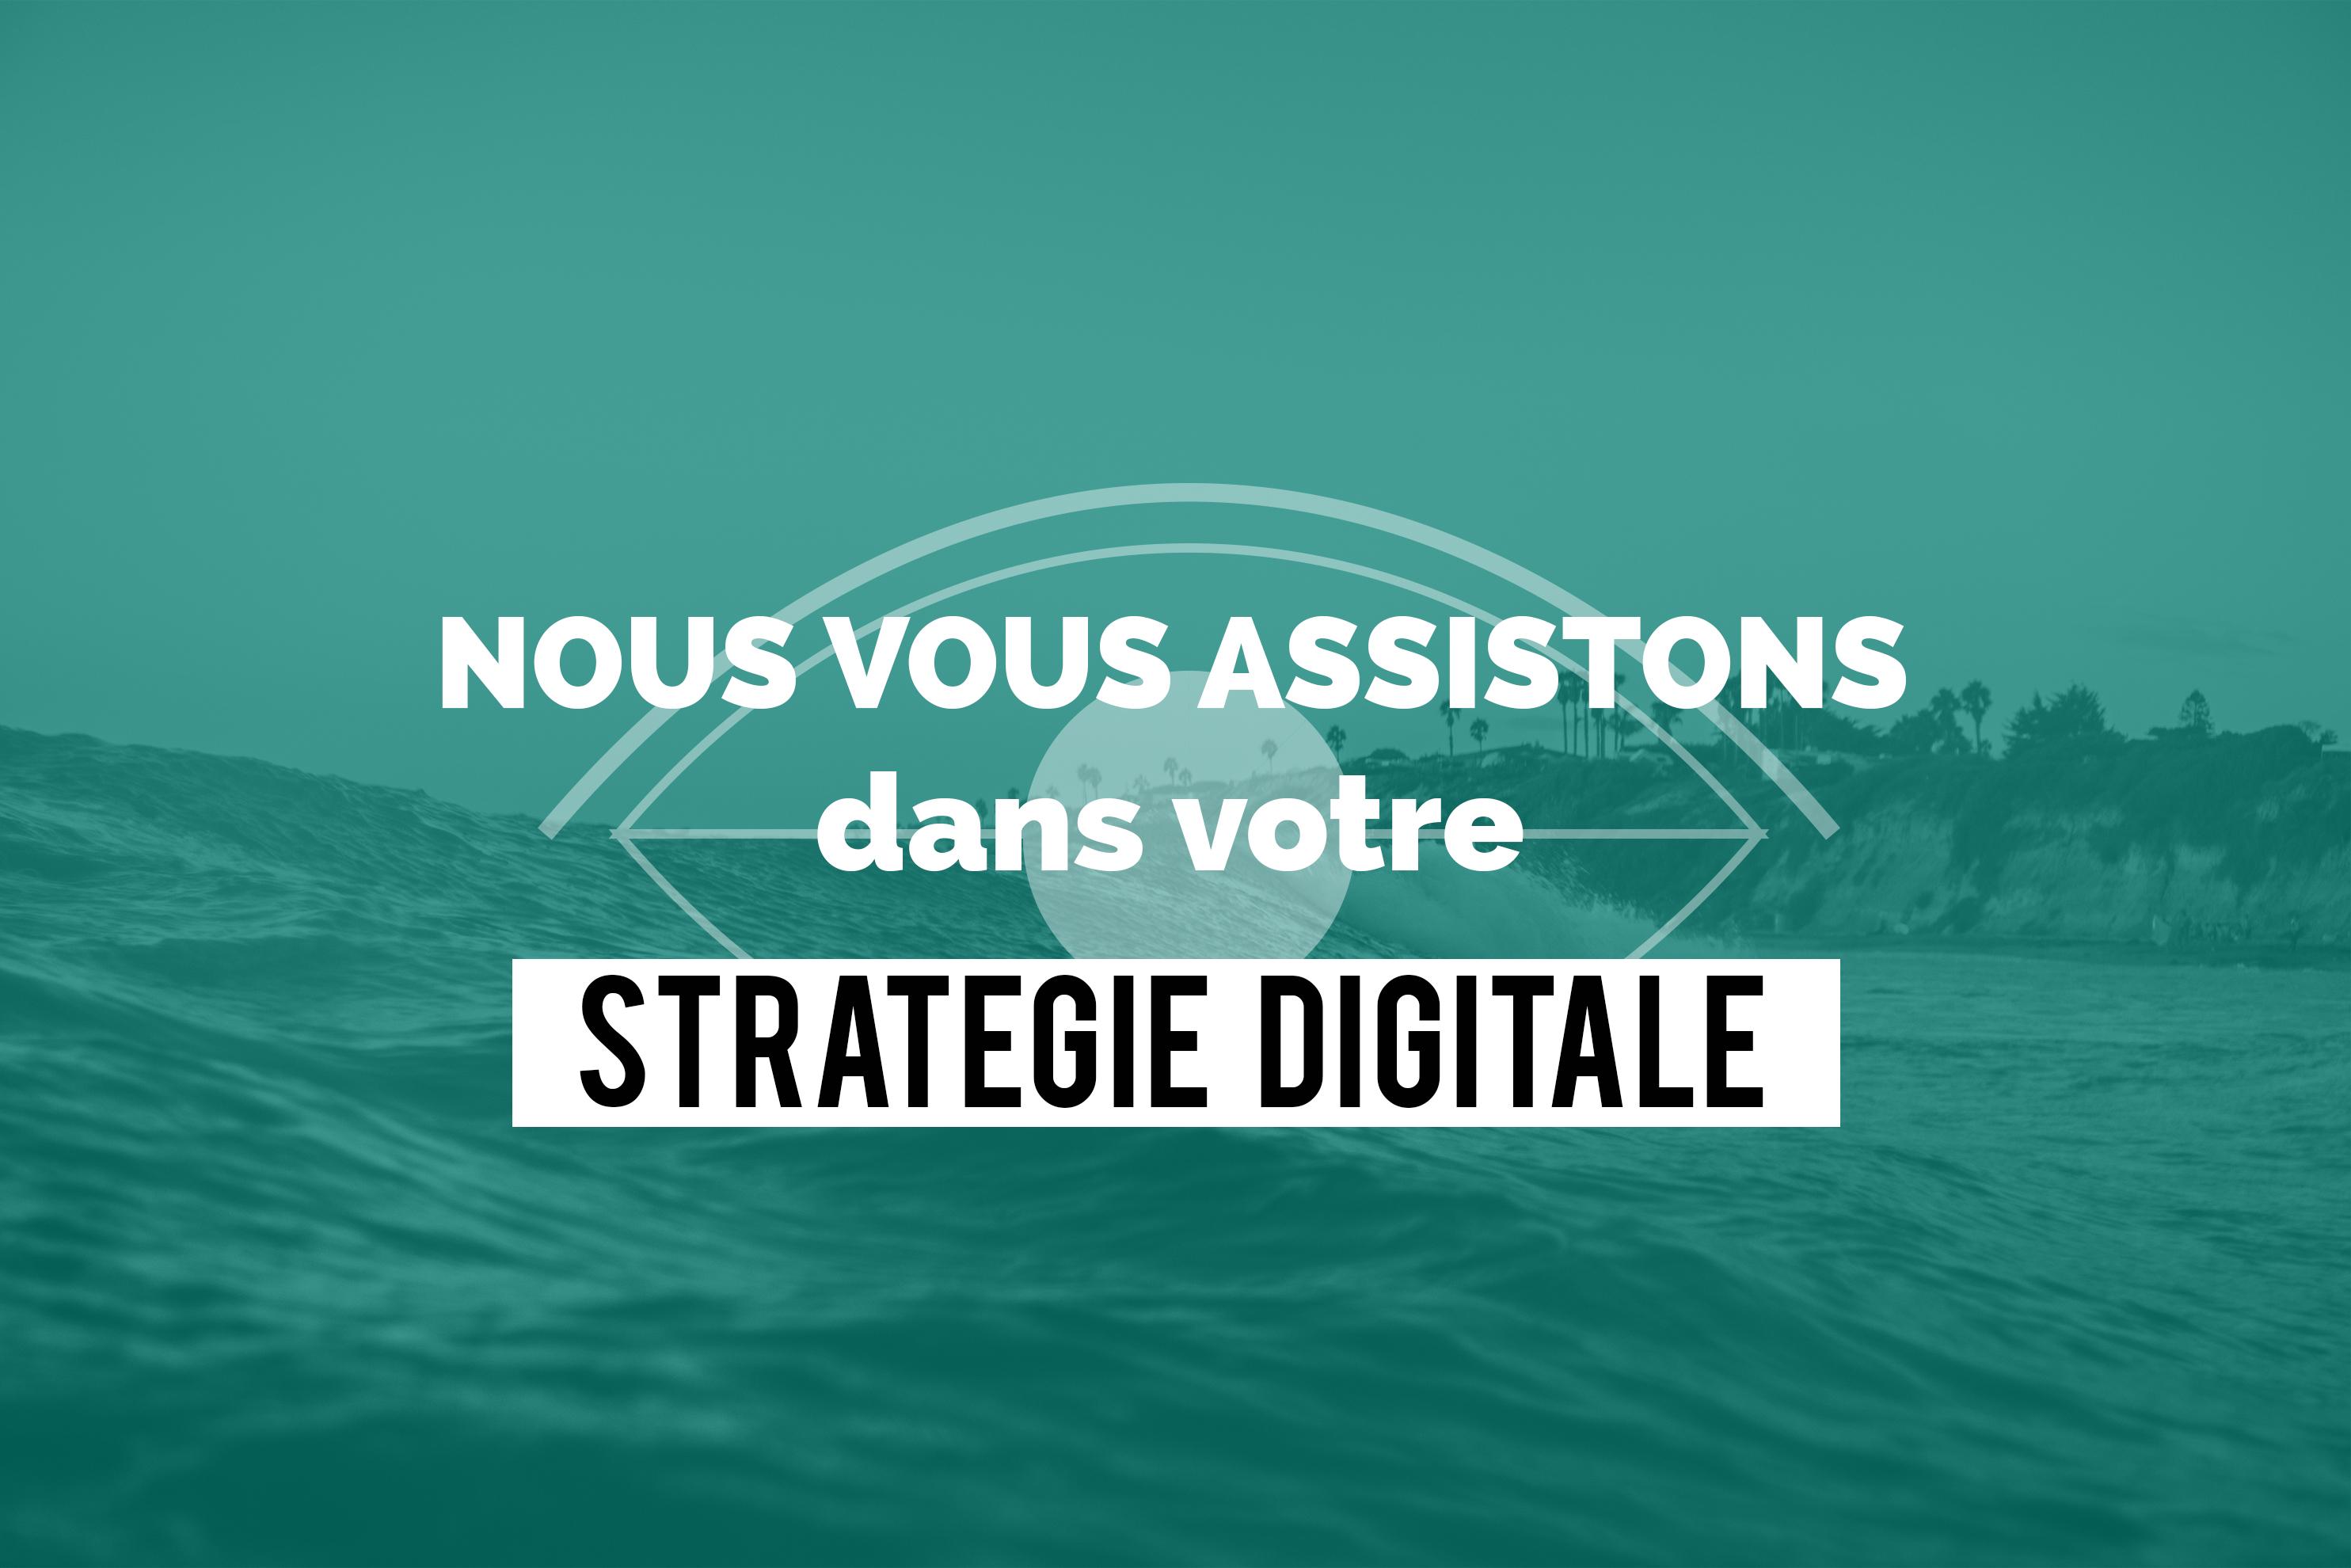 Nous vous assistons dans votre stratégie Digitale